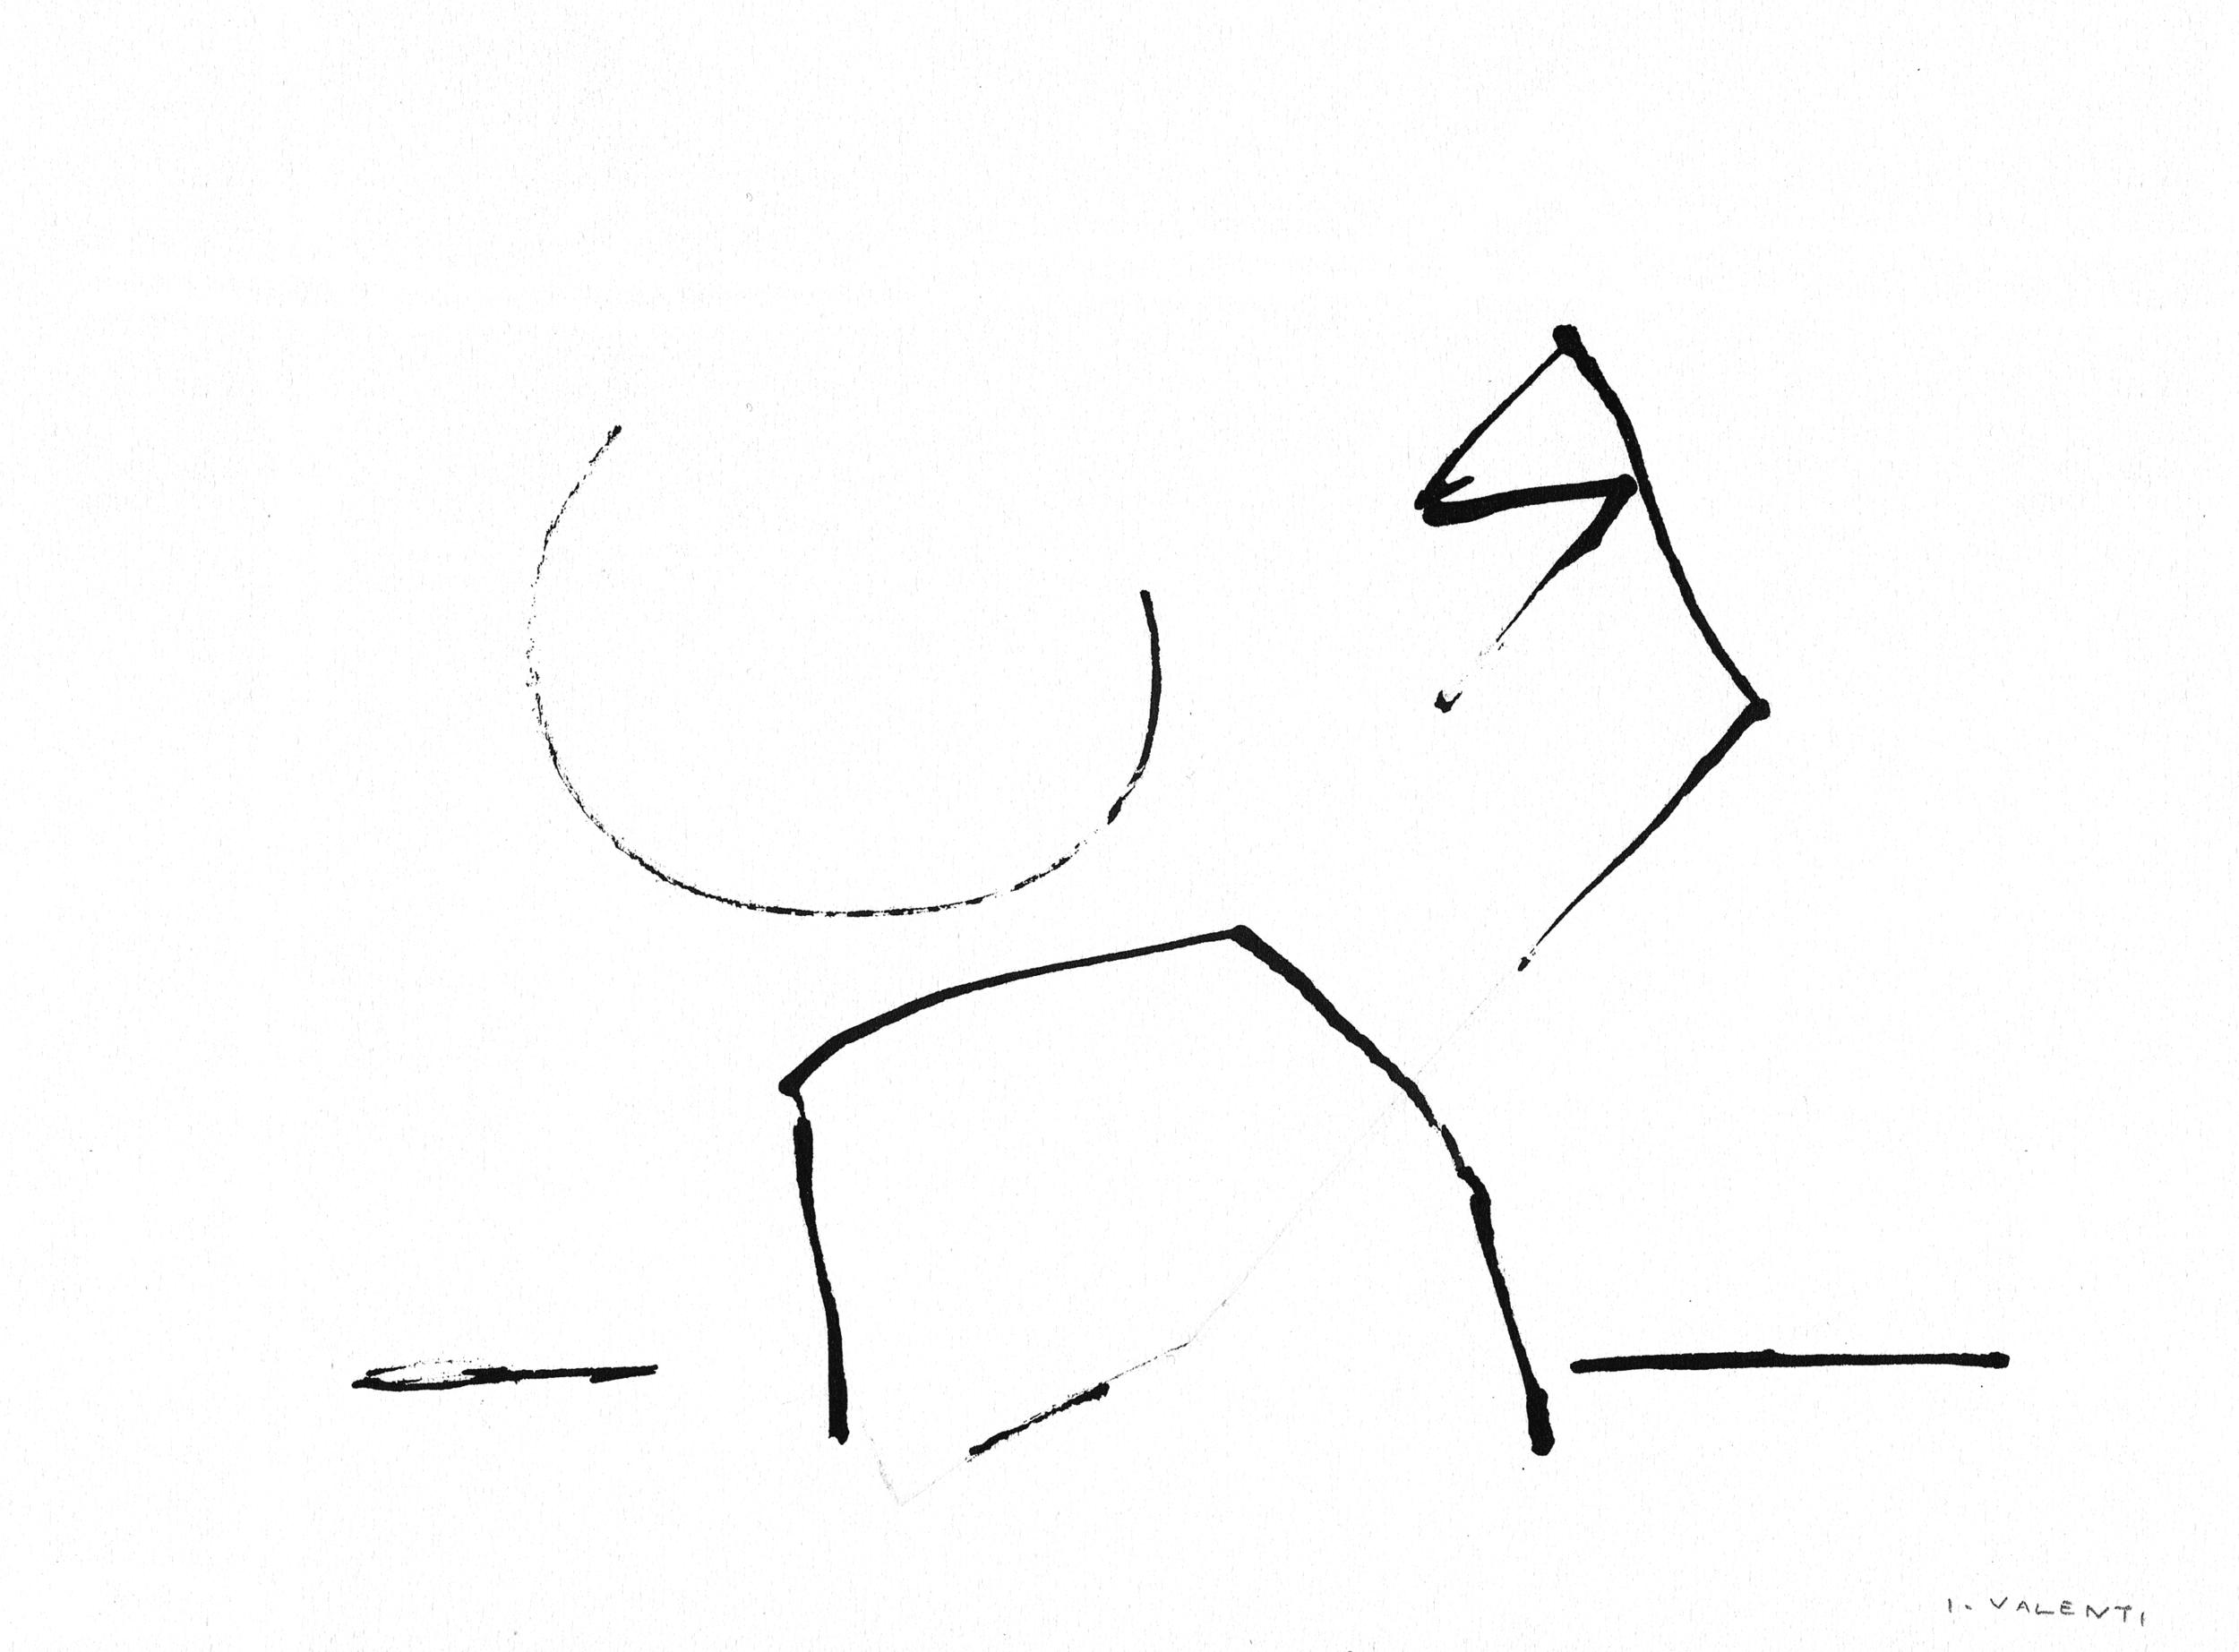 Maga 1976 cm 21x29,5 Inchiostro di china su carta.jpg